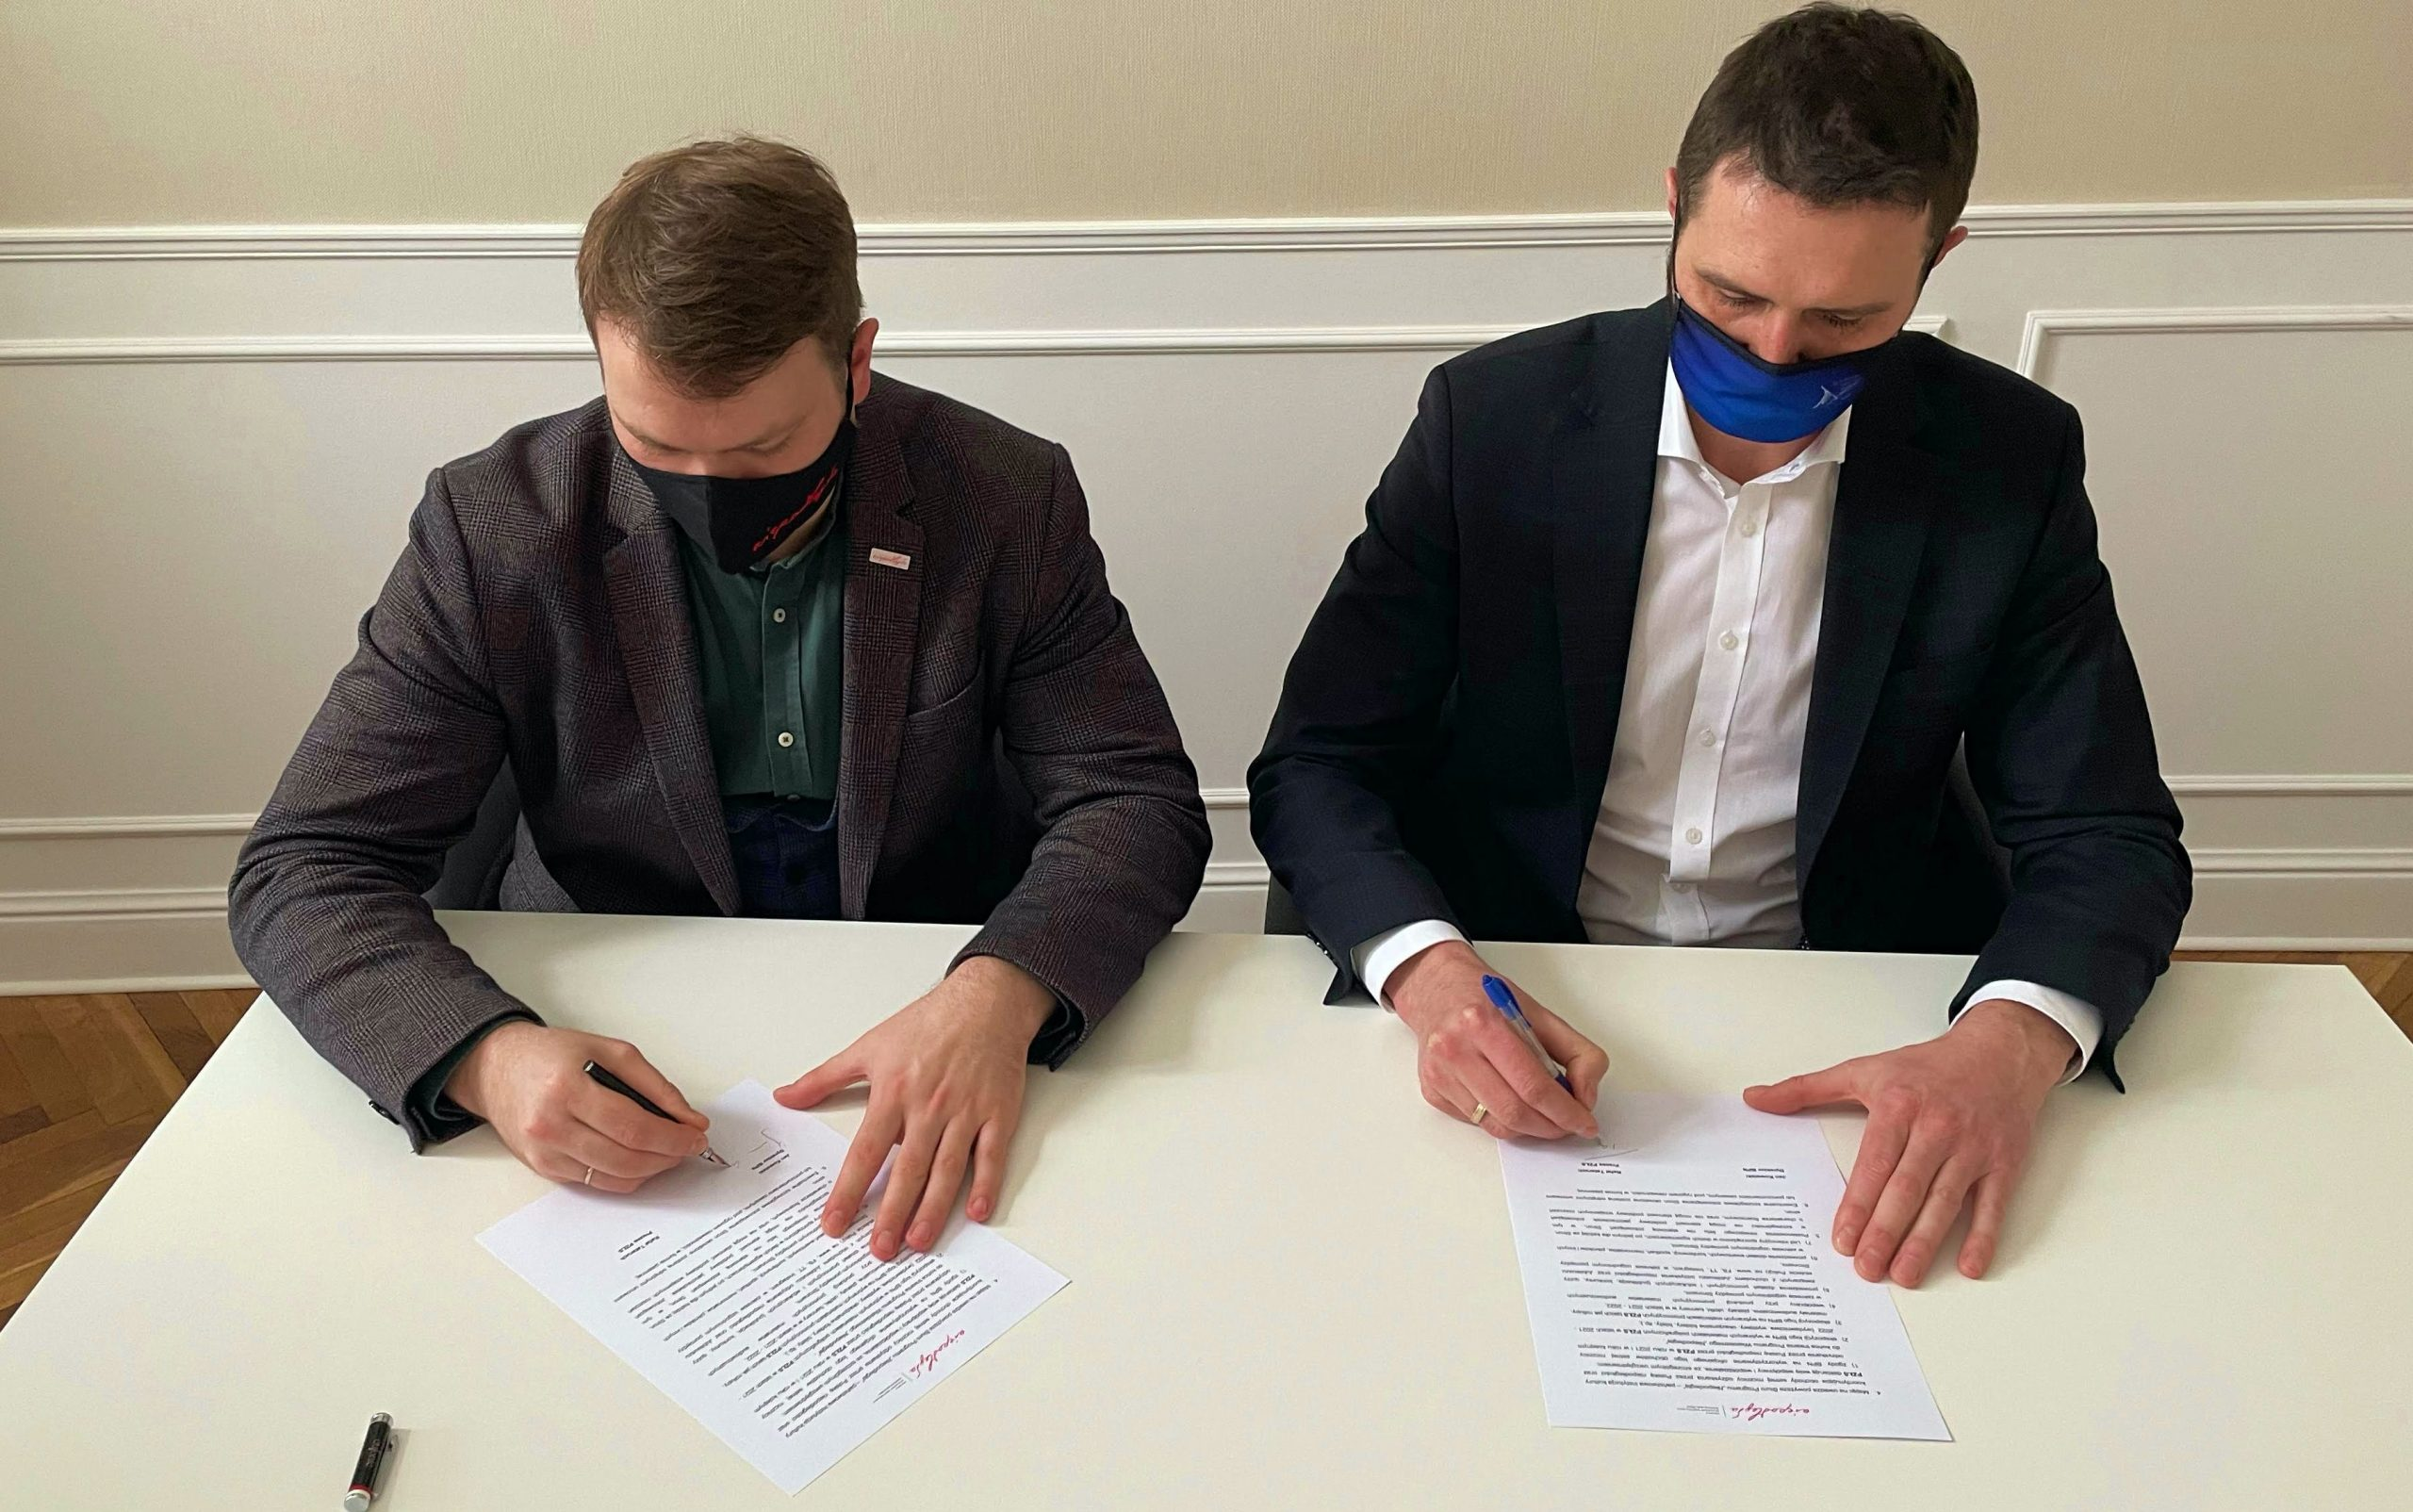 Dwóch mężczyzn siedzących przy stole i podpisujących dokumenty